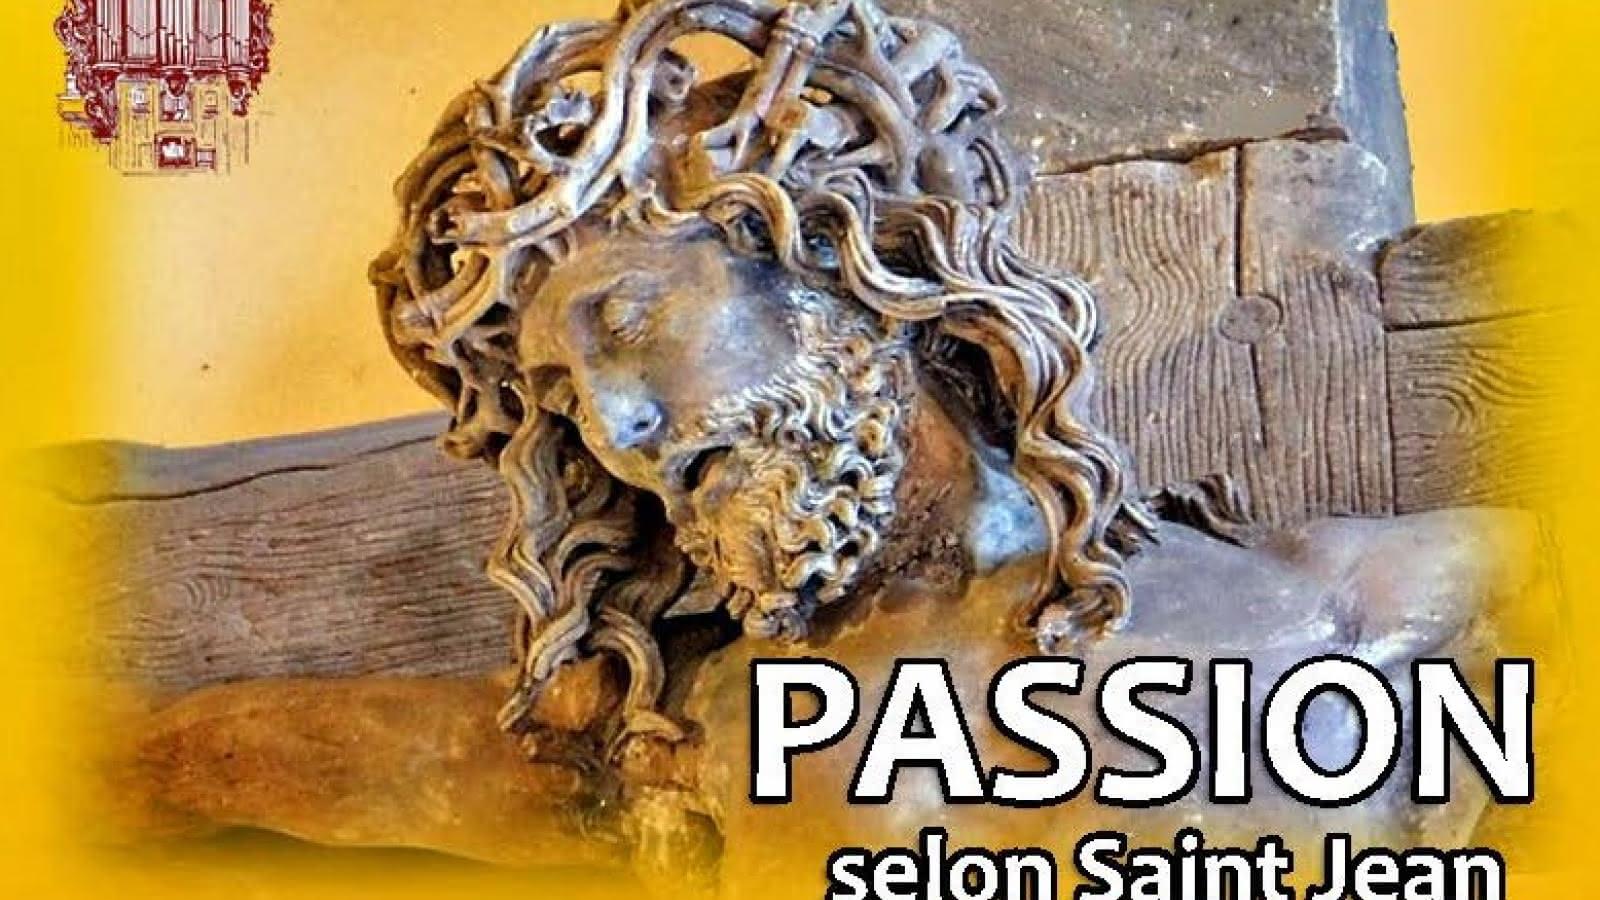 218008724-concert-la-passion-selon-saint-jean-de-j-s-bach-1-1600x900